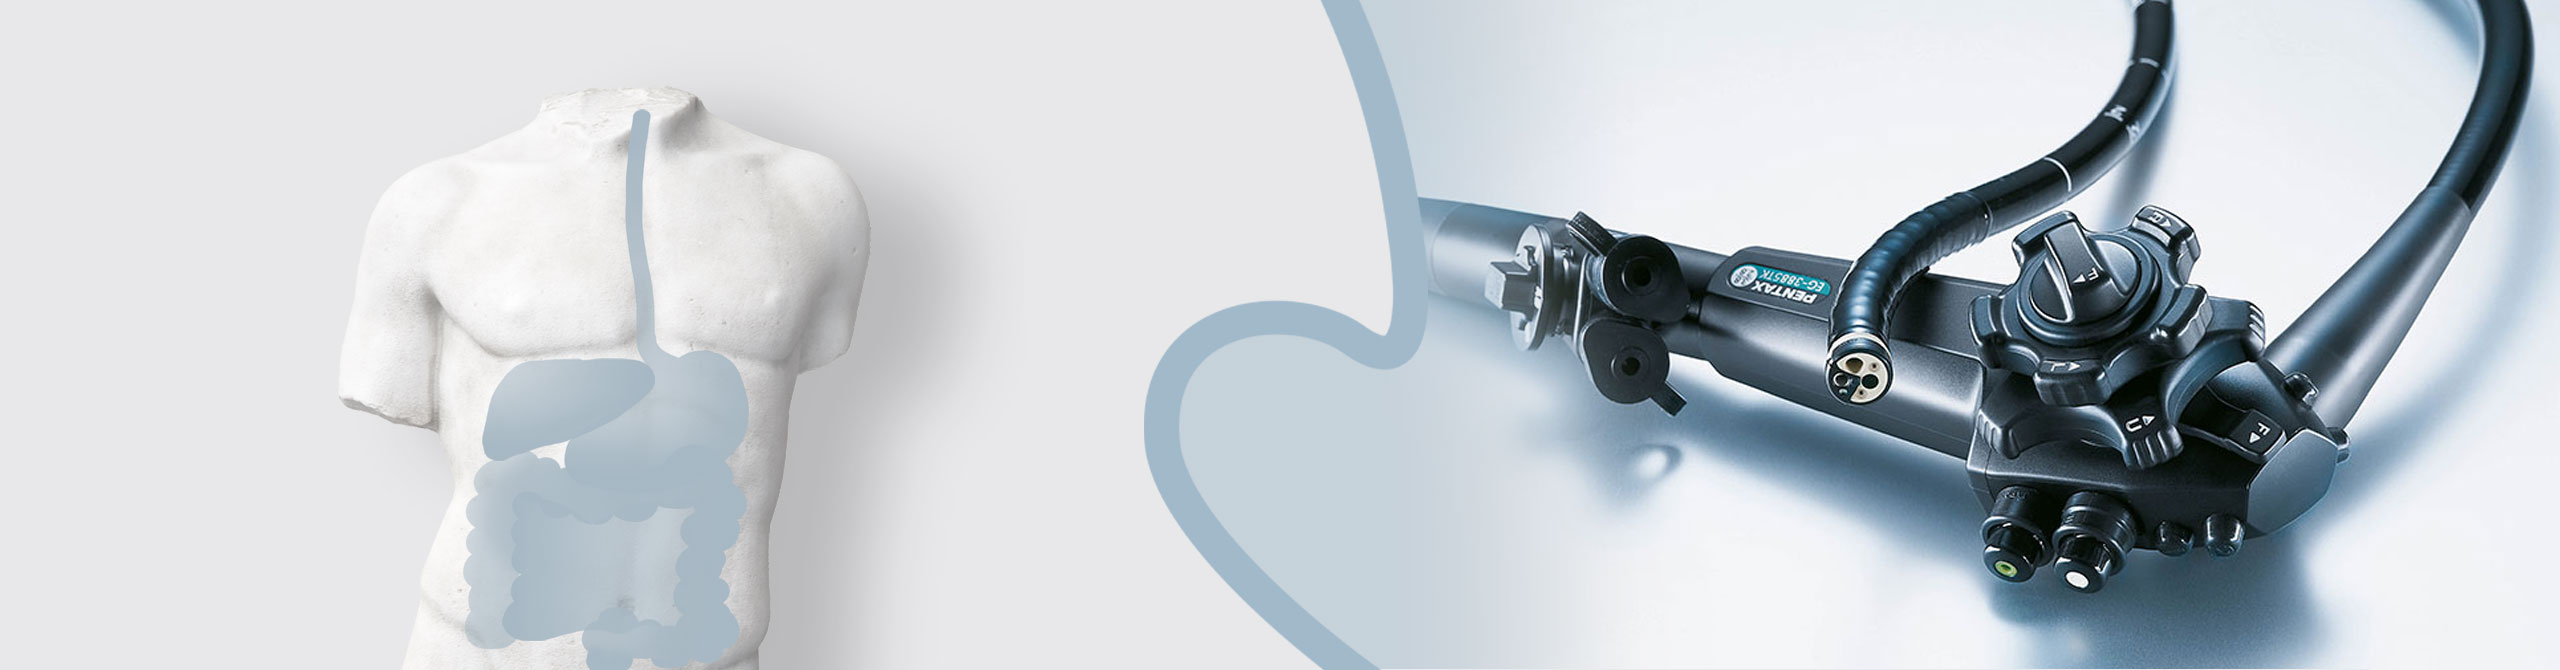 Endoskop und Darstellung des Magen-Darm-Traktes am menschlichen Torso | Praxis für Gastroenterologie Dr. Rösler in Bayreuth